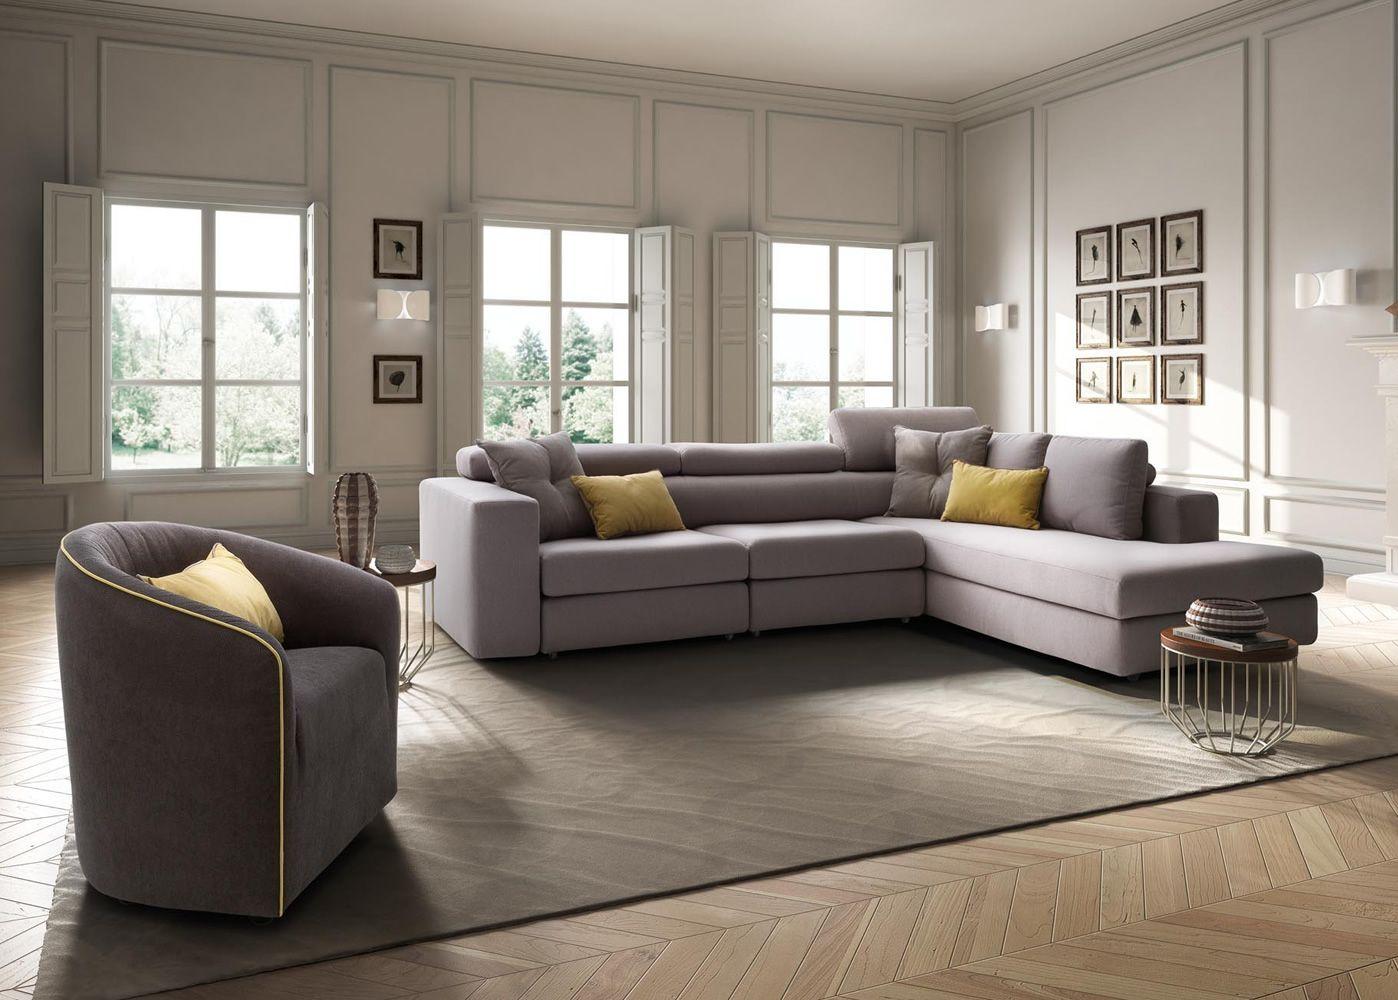 Sofa Und Sessel Kombinieren – Wohn-design